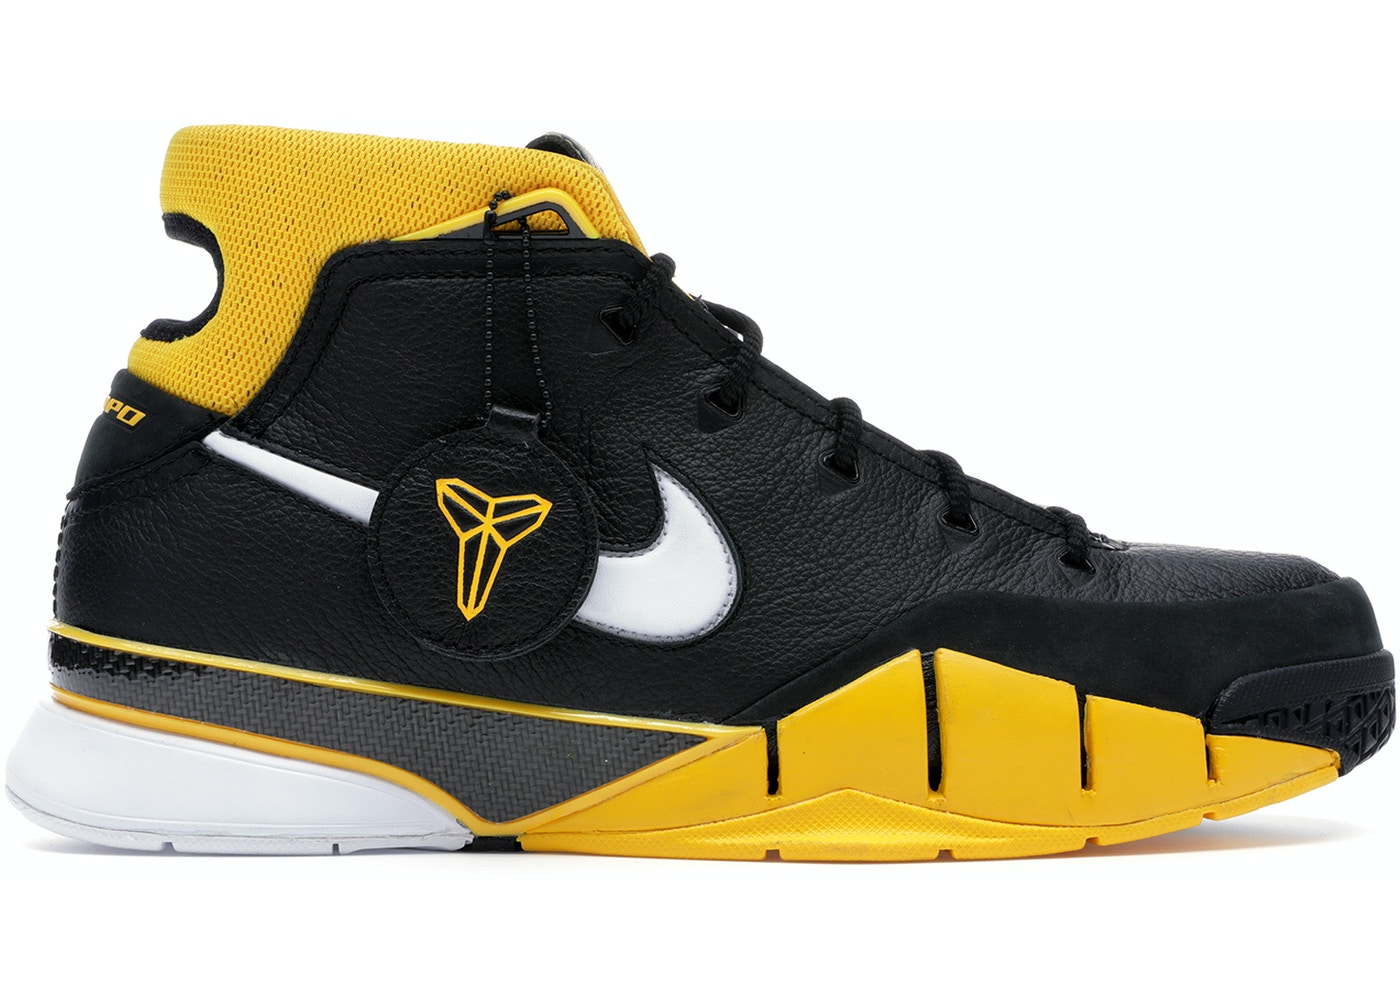 f1a142566be7 Buy Nike Kobe Shoes   Deadstock Sneakers